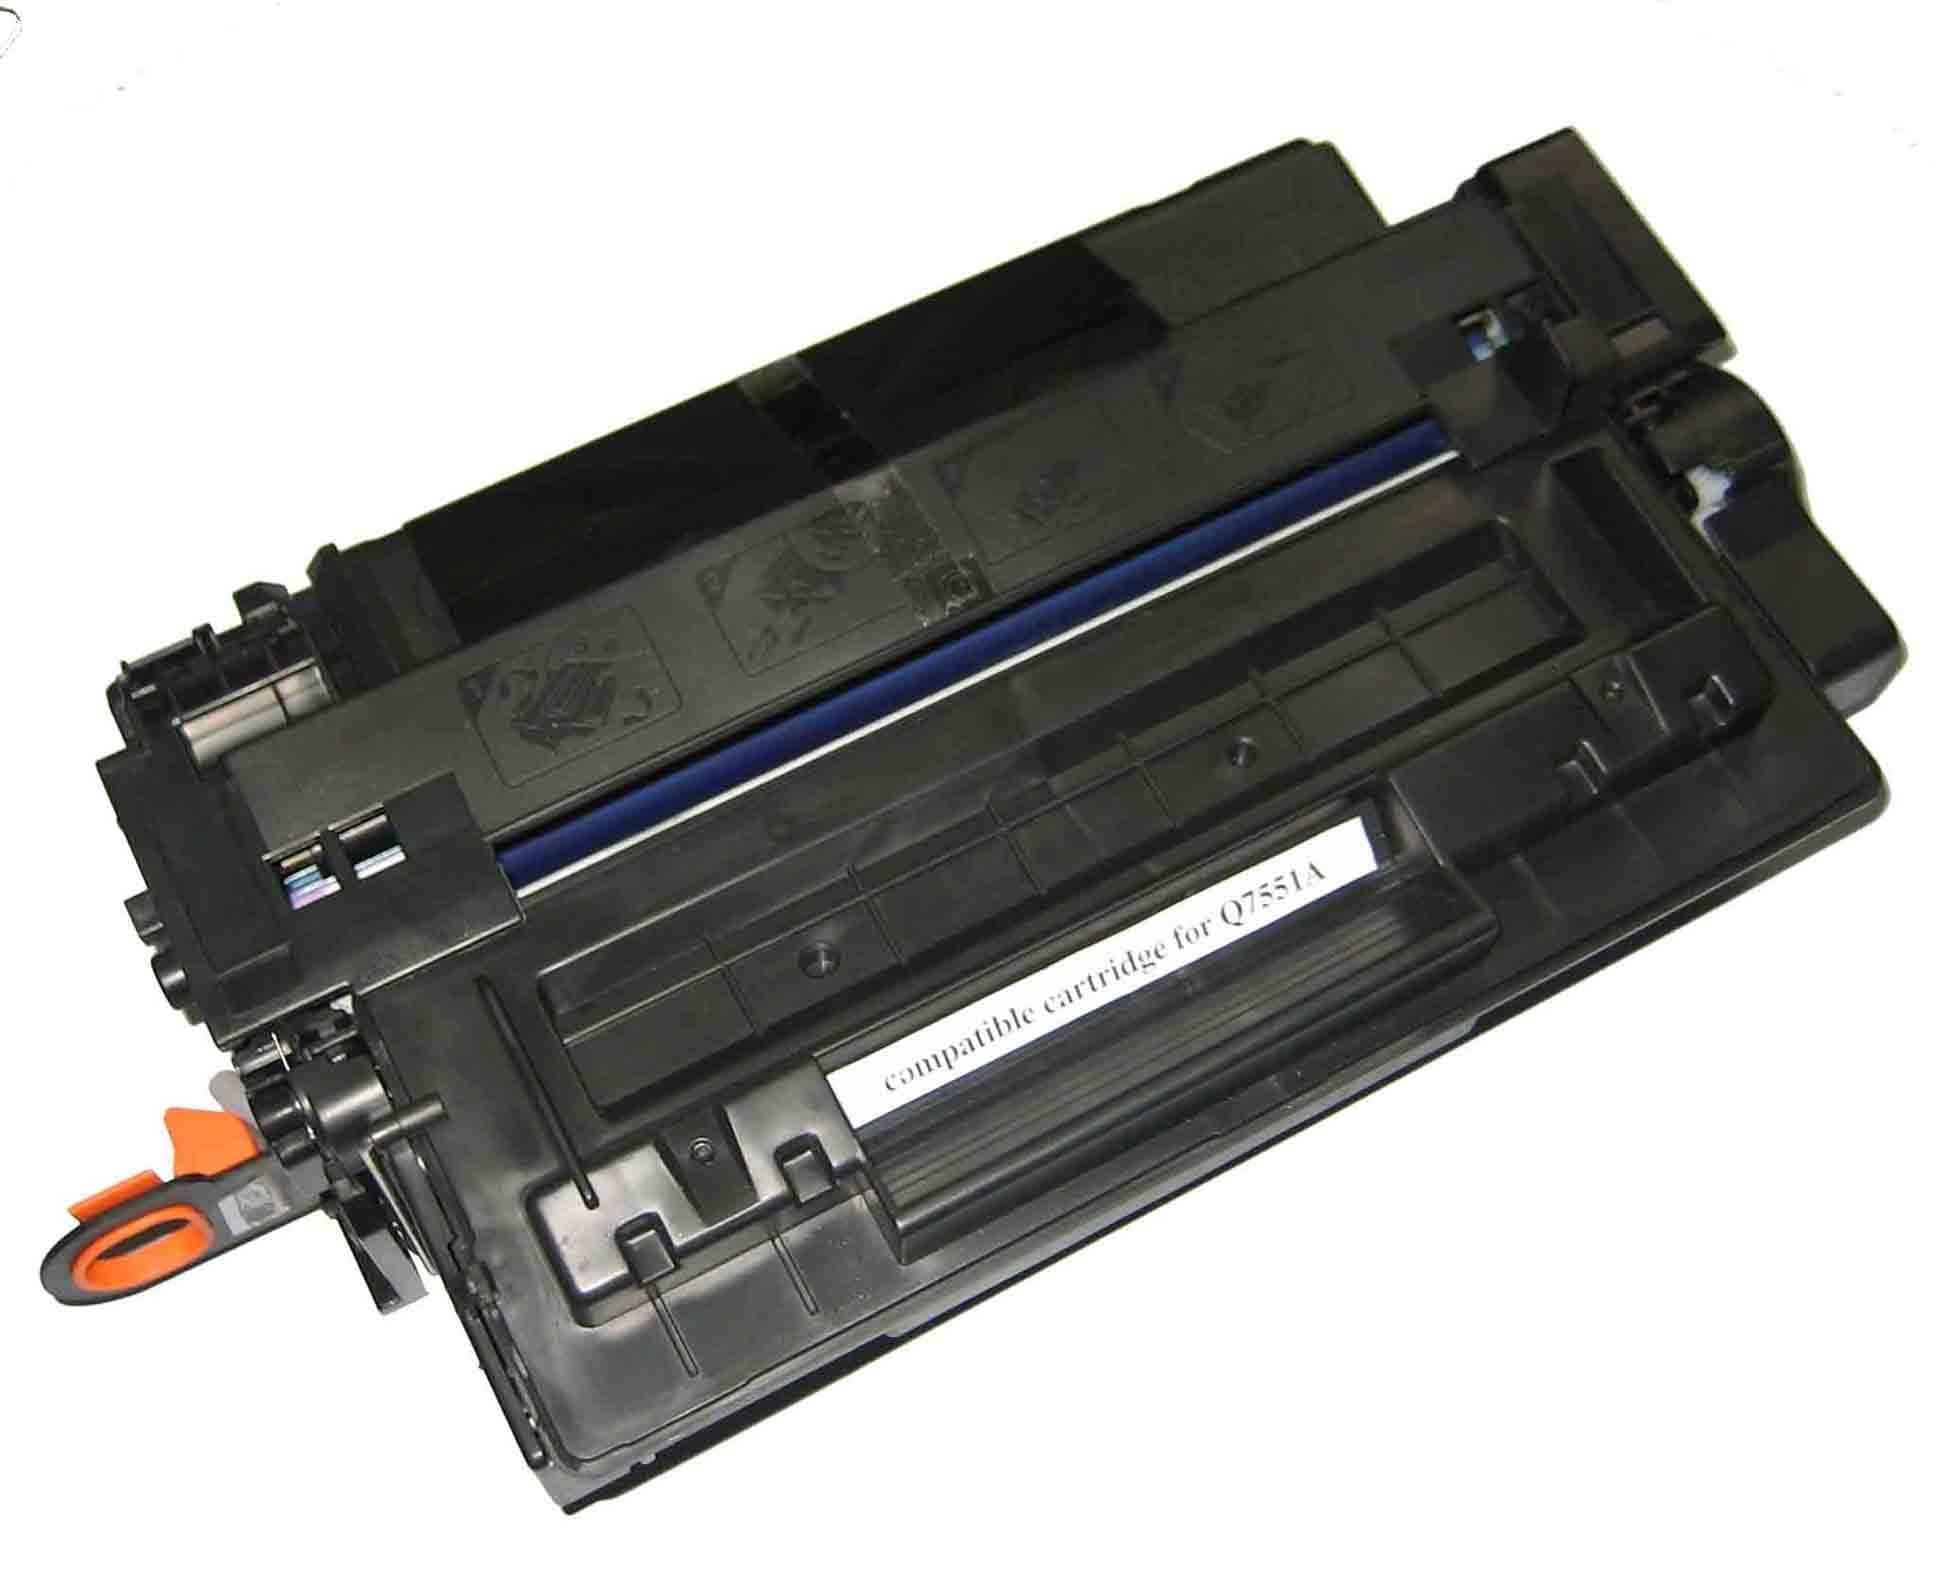 Sunjoy 51A toner cartridge Q7551A compatible for HP Laserjet P3005 M3027 M3035